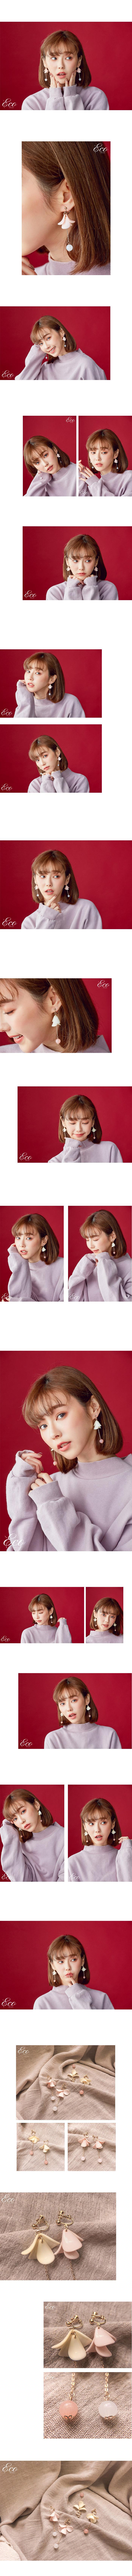 夾式耳環,耳夾式耳環,針式耳環,珠珠耳環,花瓣耳環,日系耳環,花苞耳環,大耳環,垂墜耳環,無耳洞耳環,正韓飾品,韓貨耳環